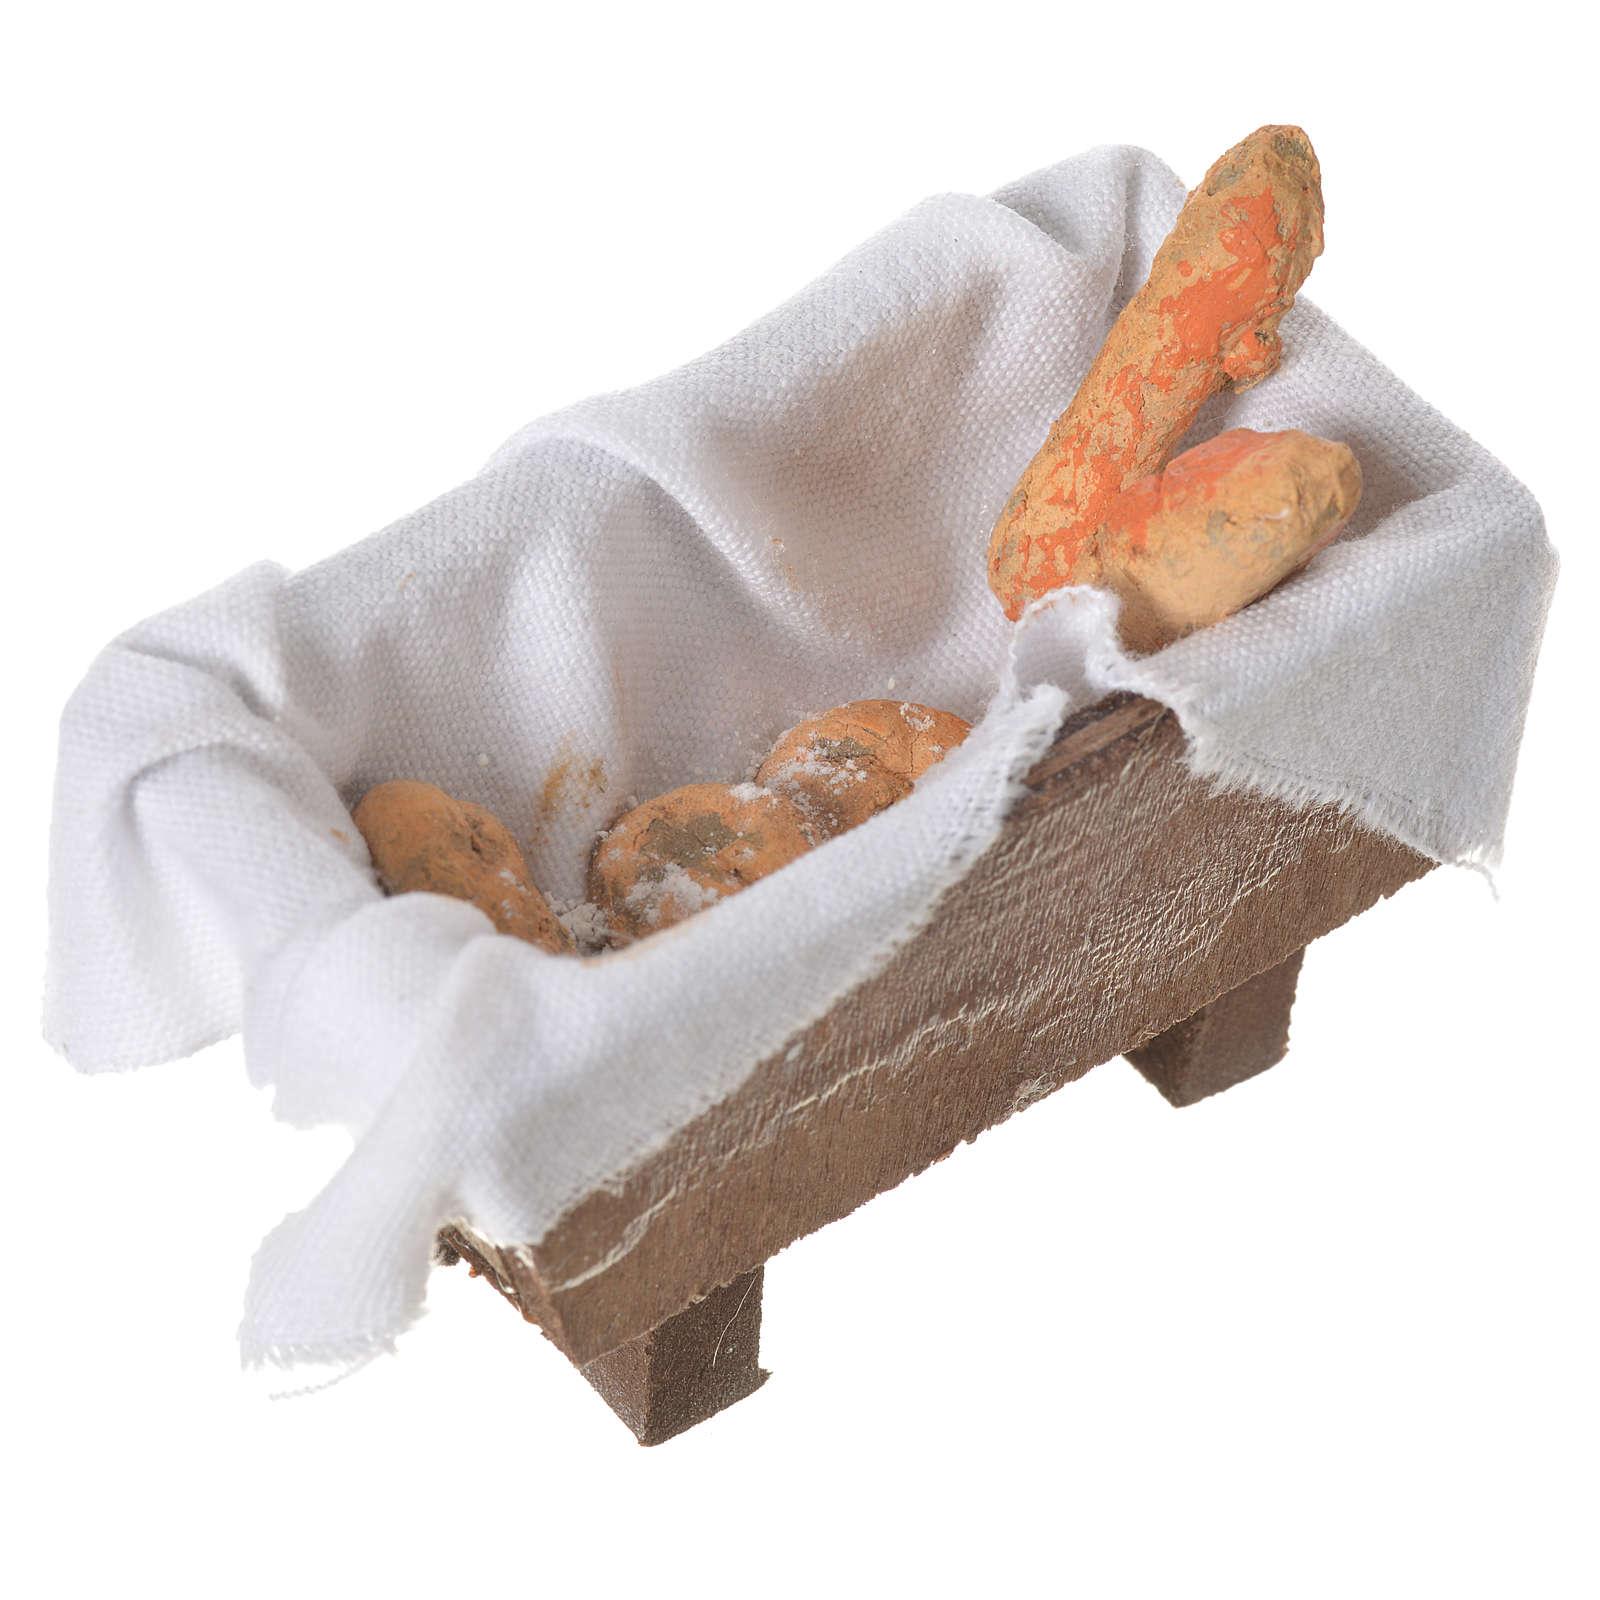 Caja con pan de terracota 5x7.5x4cm 4